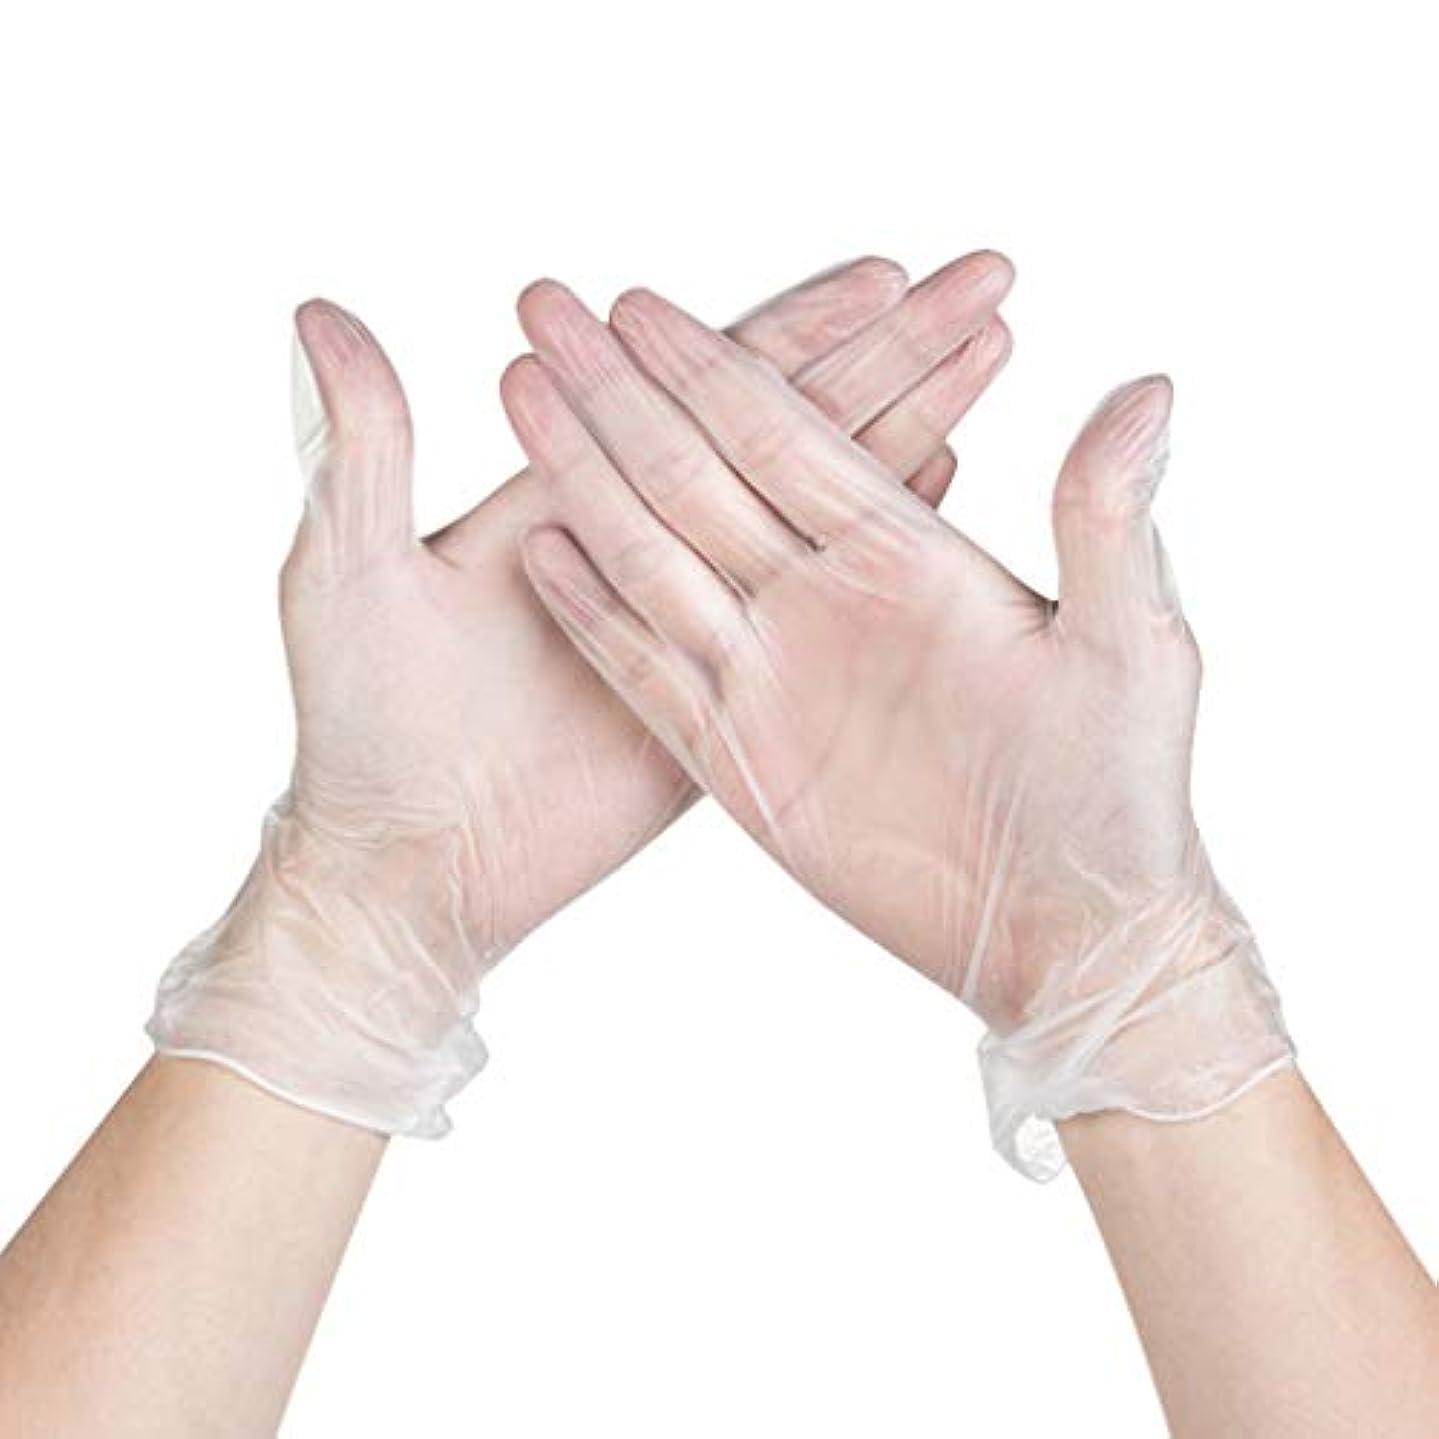 あえぎガイドライン親密なパウダーフリーの使い捨て医療検査食品電子修理ホーム透明PVC使い捨て手袋箱入り YANW (色 : トランスペアレント, サイズ さいず : M m)